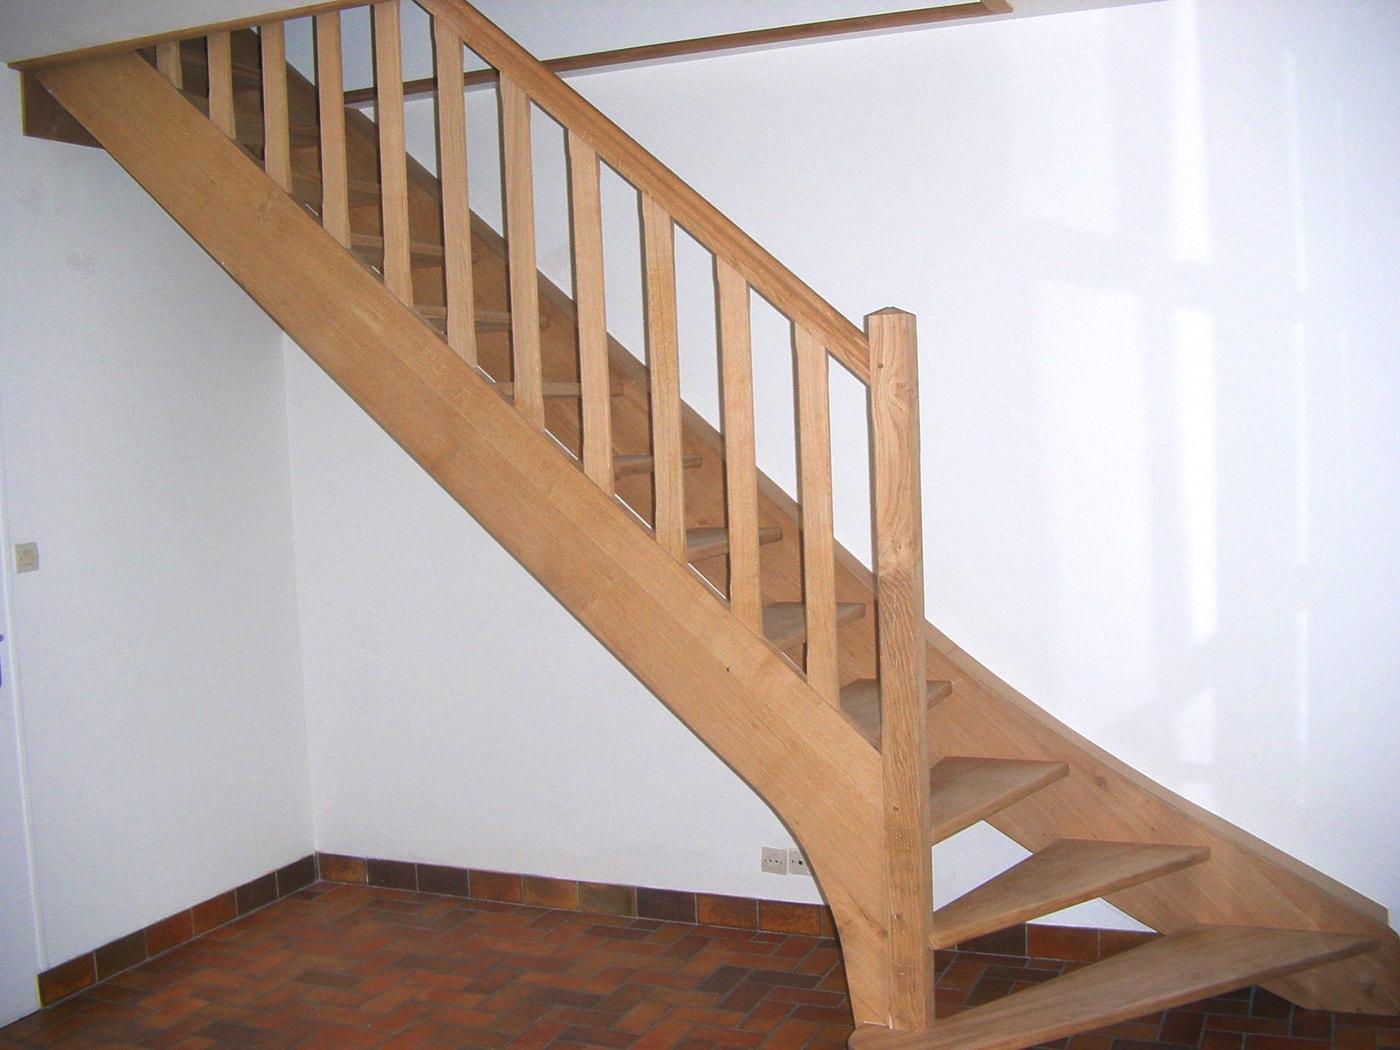 escalier_02